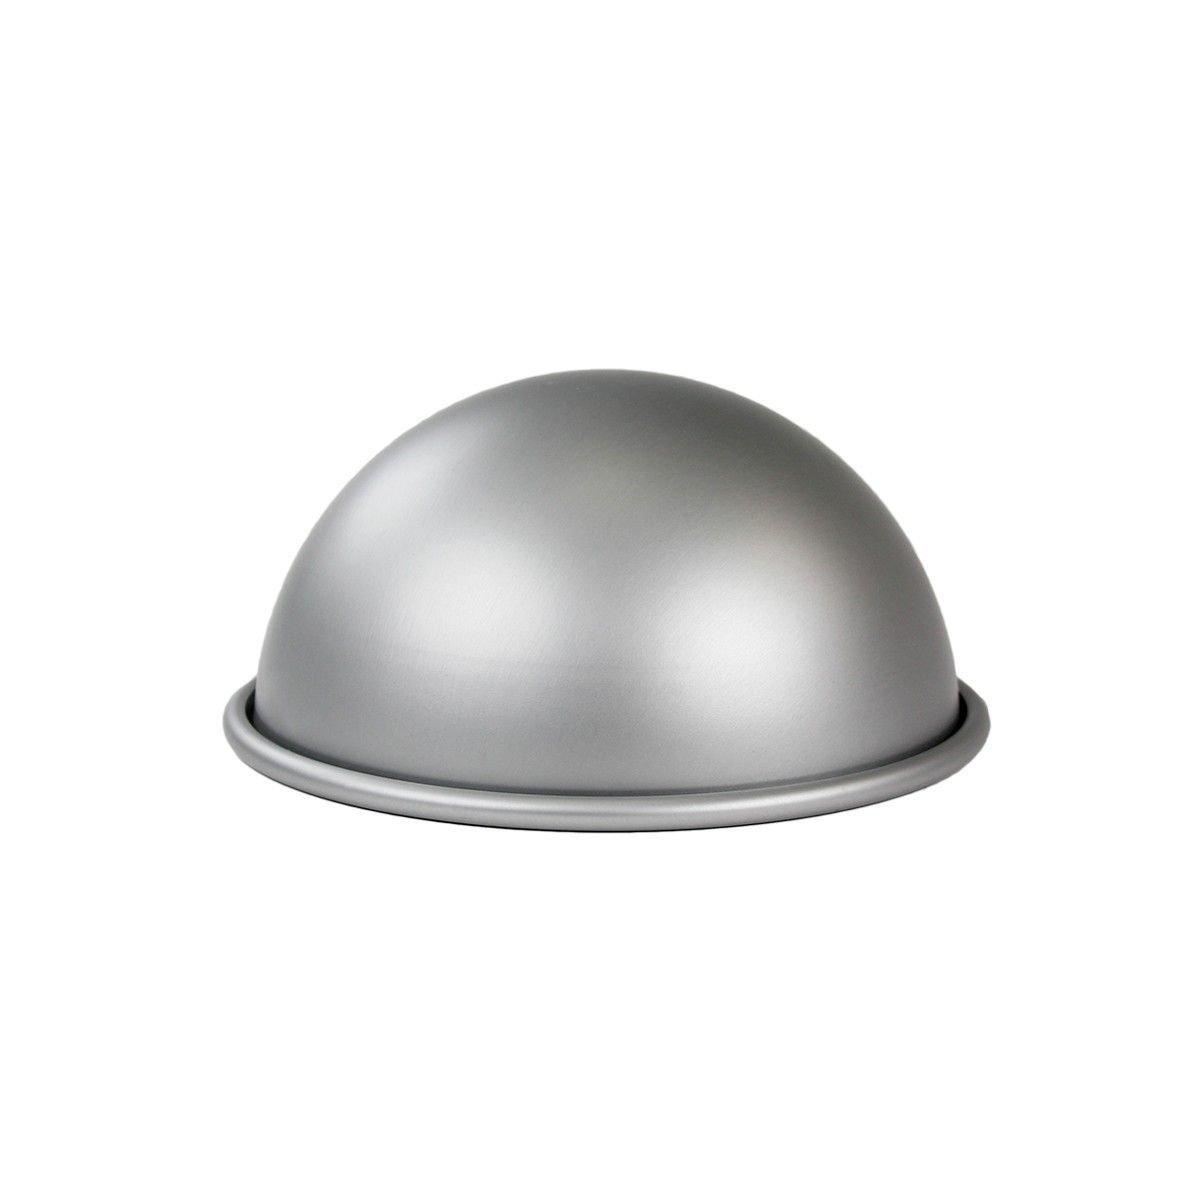 PME Baking Tin -Hemisphere Ball Pan -MEDIUM 15εκ -Μεσαίο Ταψί Ημισφαίριο 15εκ